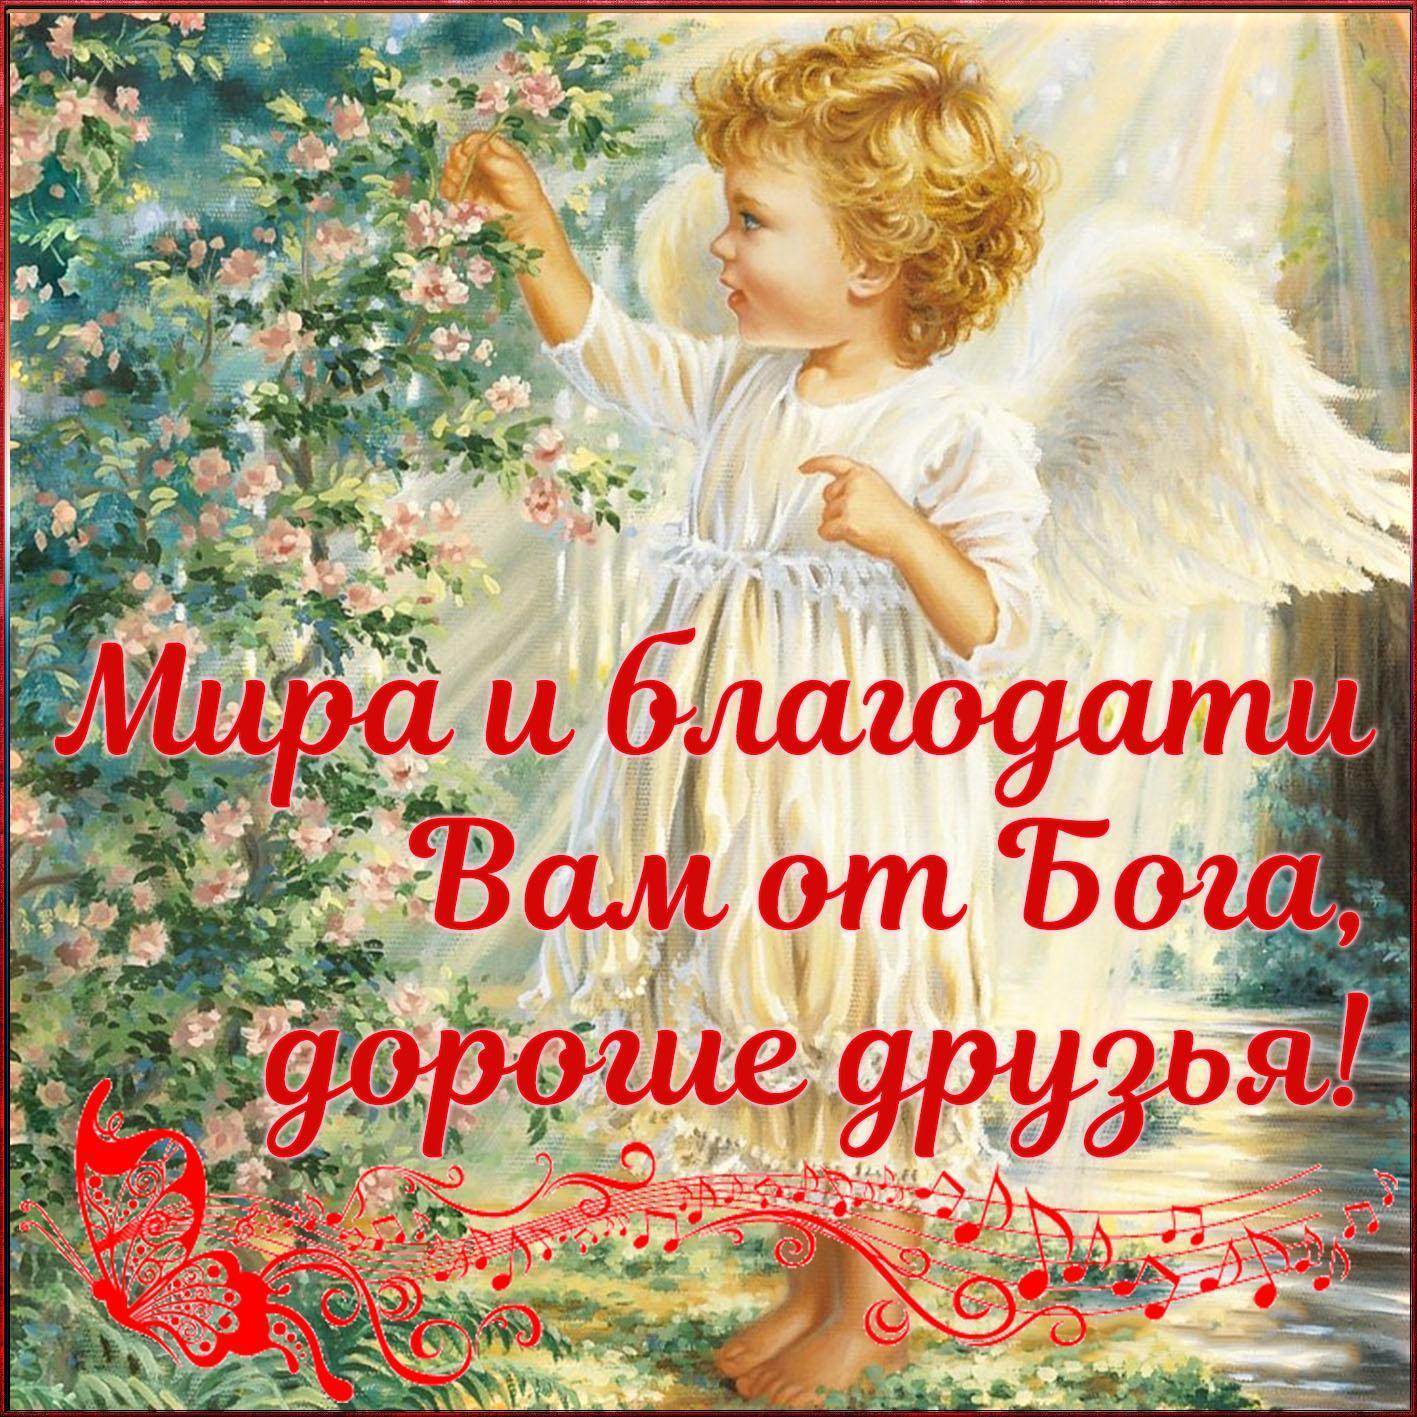 Православные картинки добрый день